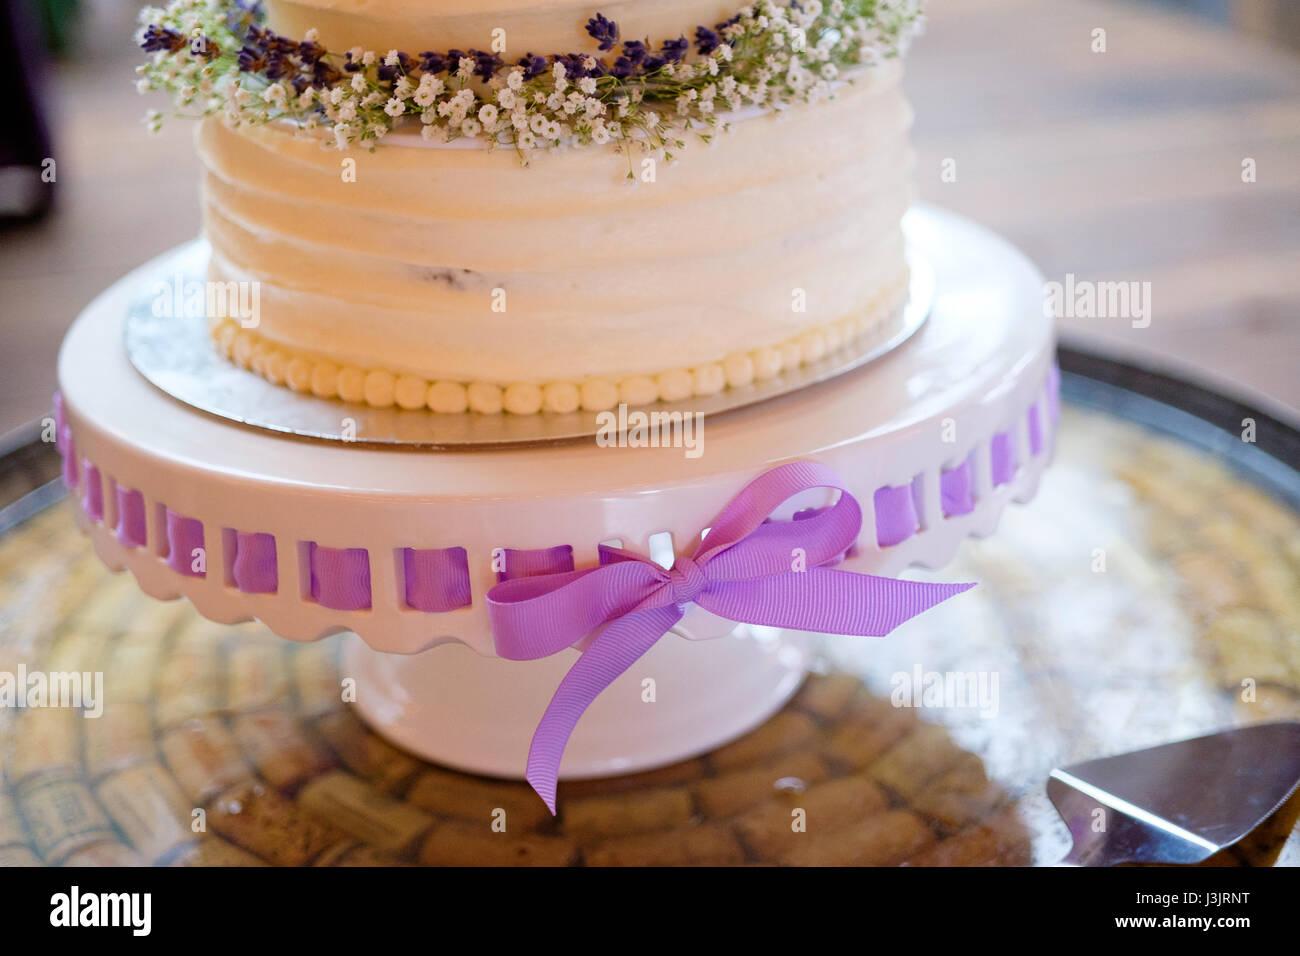 Weisse Hochzeitstorte Mit Band Stockfoto Bild 139940692 Alamy